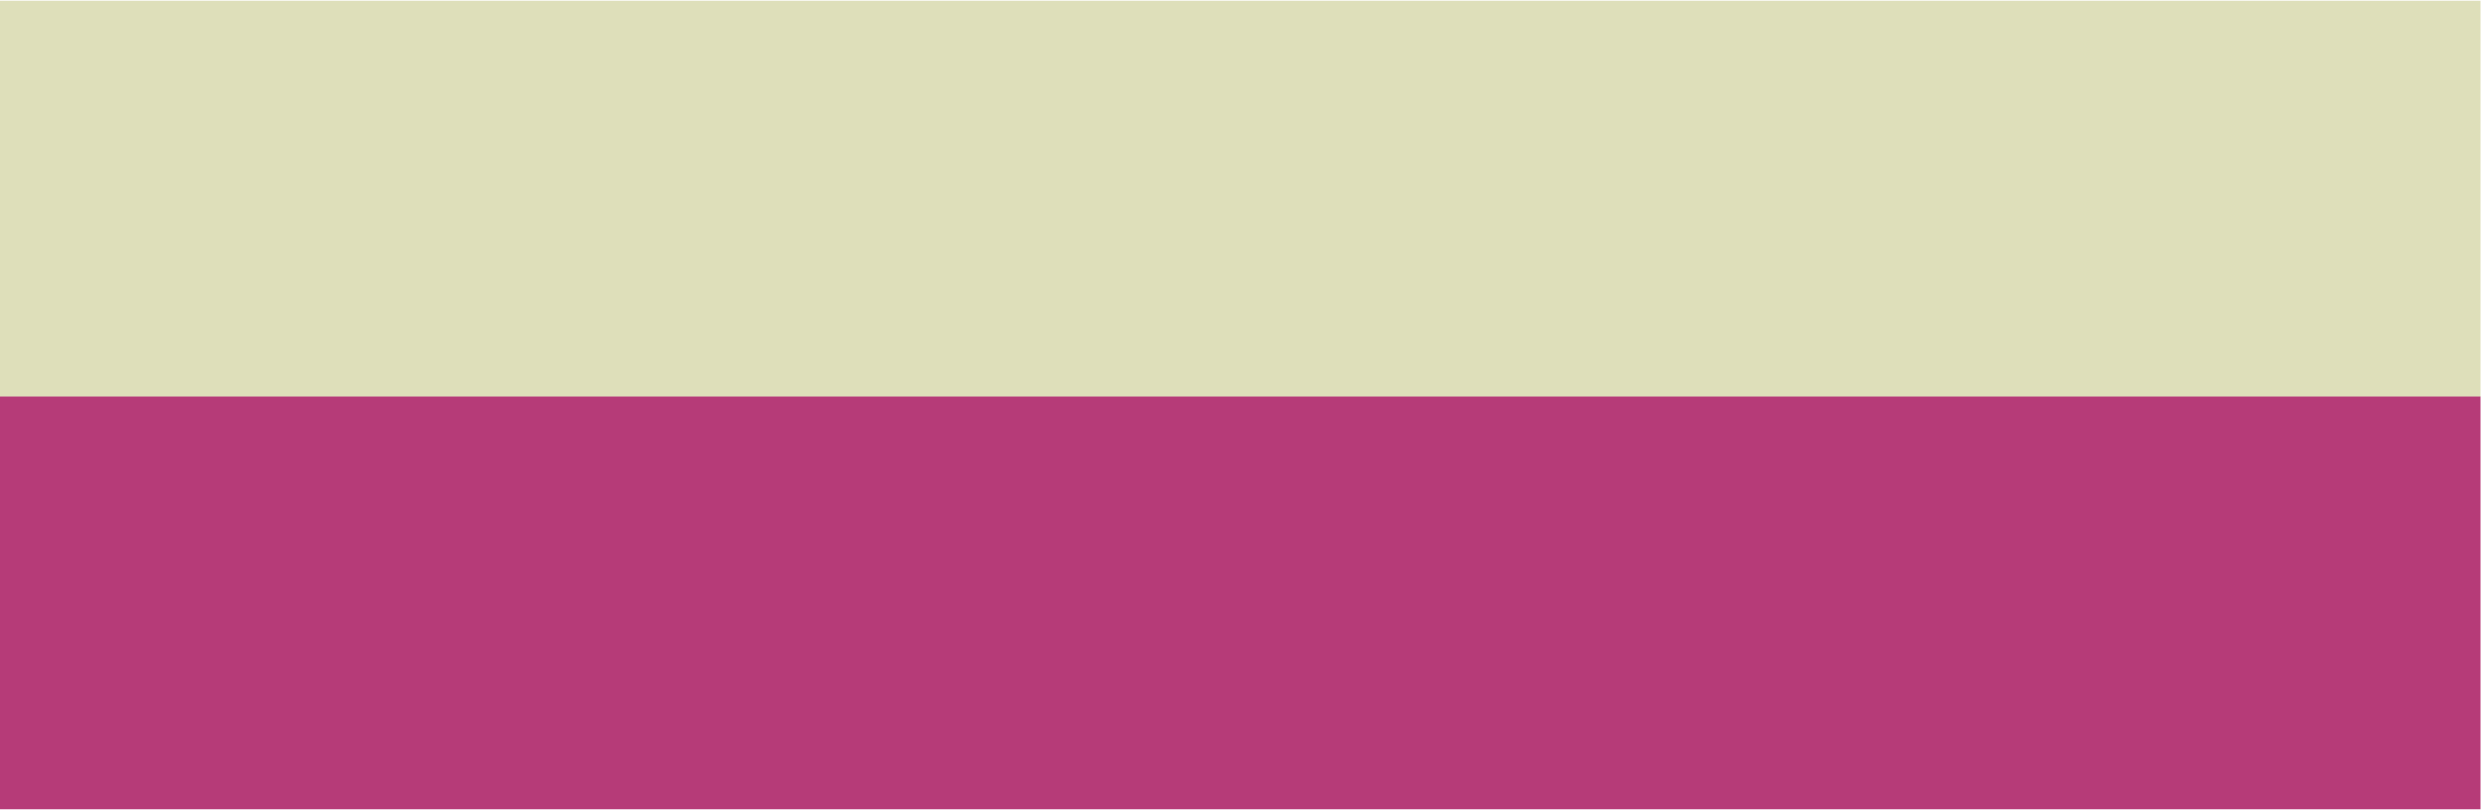 ivoire-roz